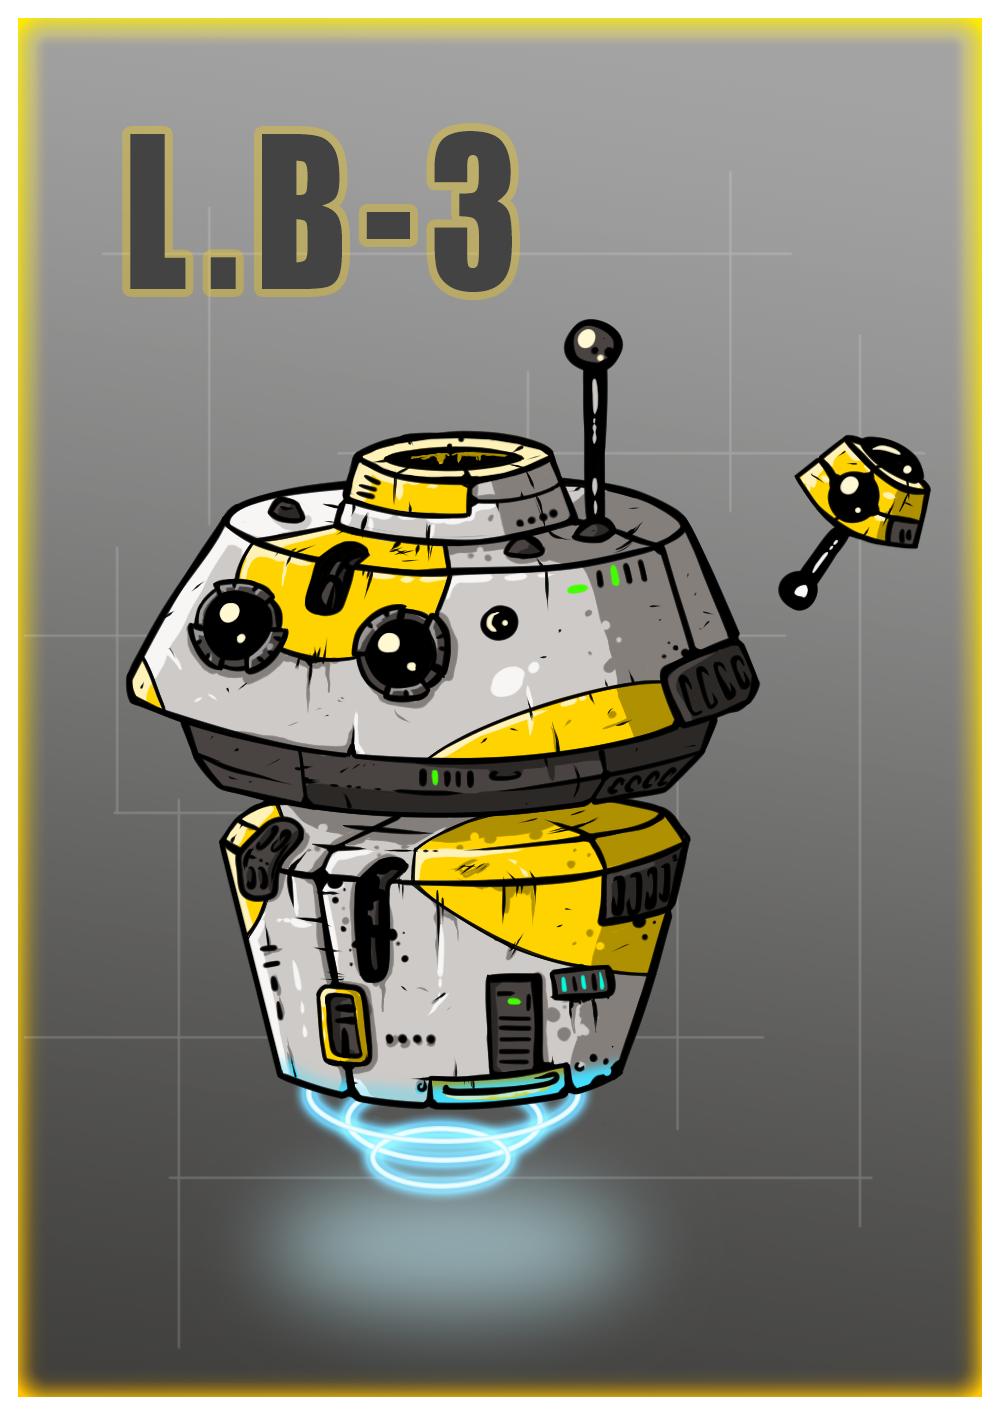 Star Wars Droid L.B-3